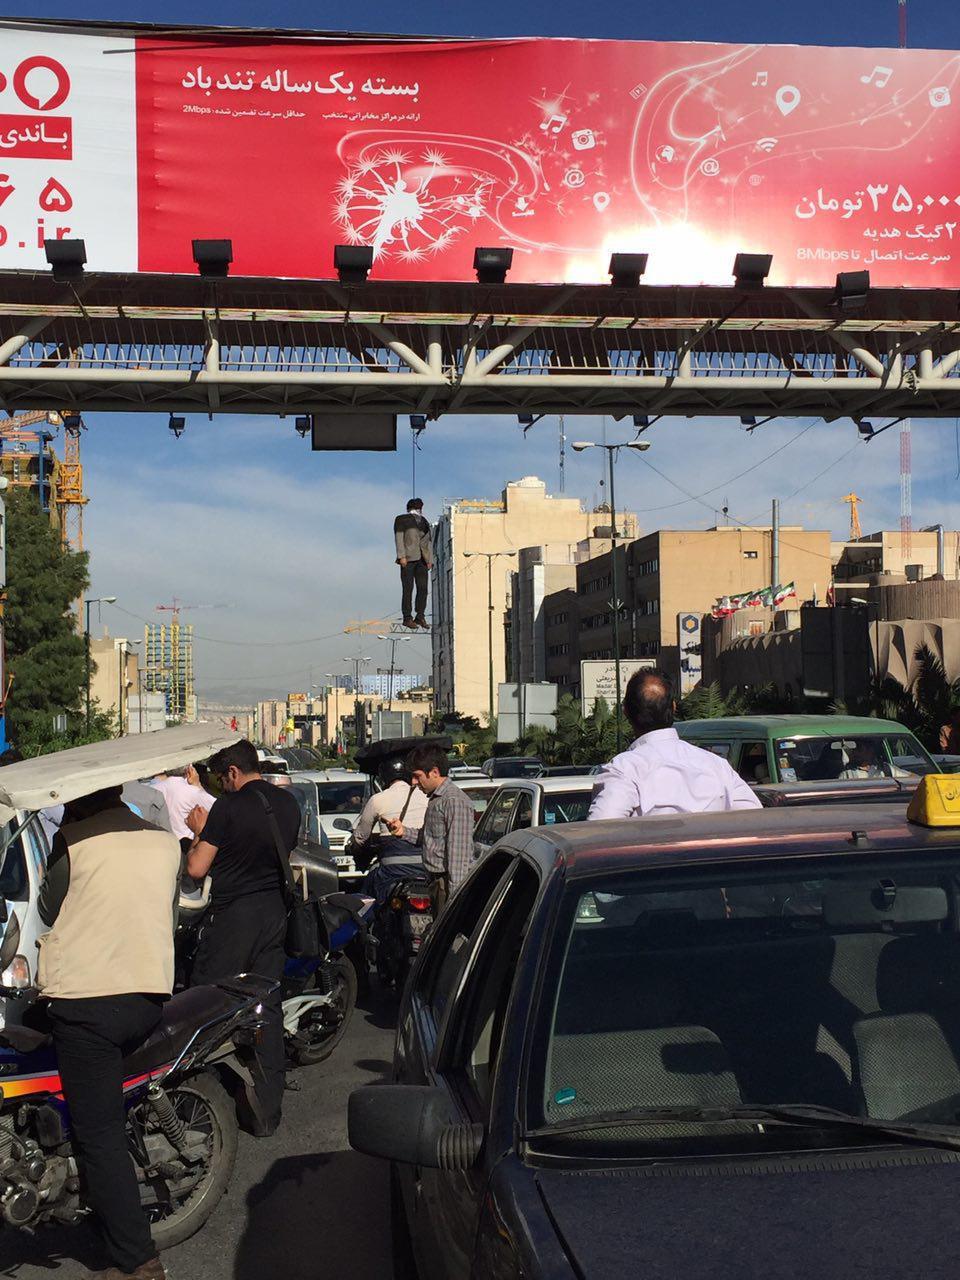 جزییات خودکشی مرد میانسال از پل هوایی خیابان میرداماد+عکس